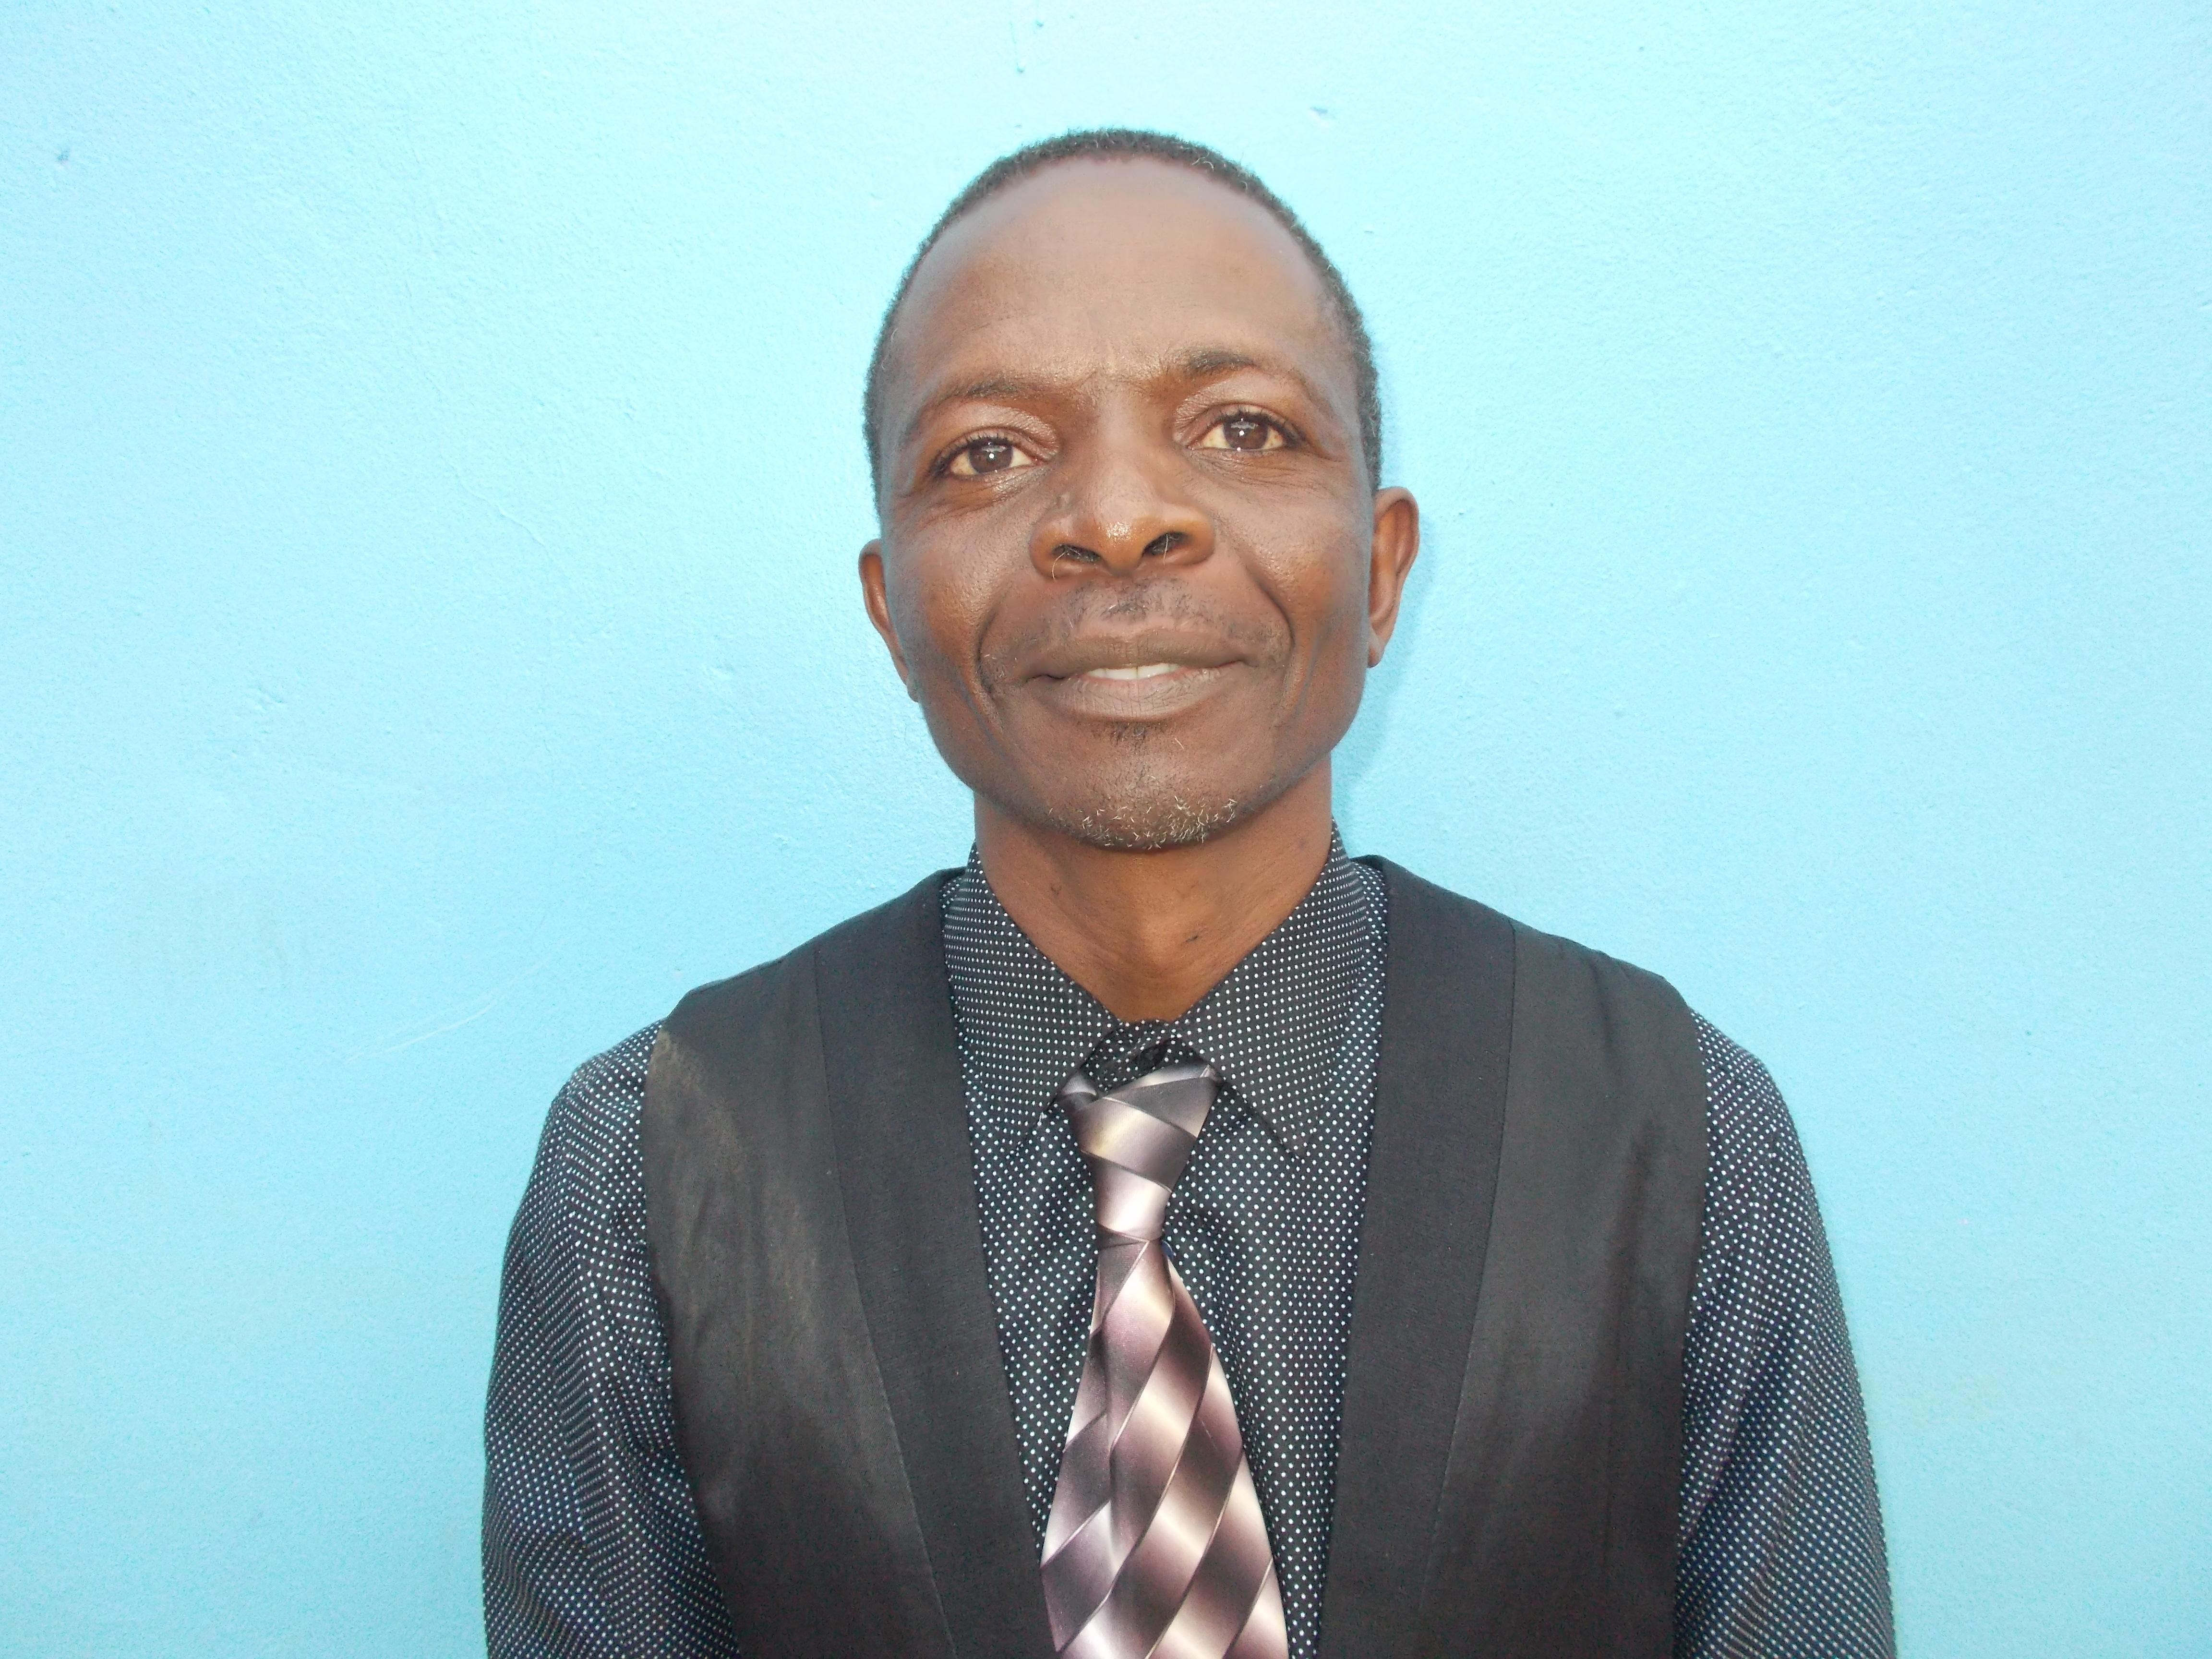 Emmanuel Mwanza